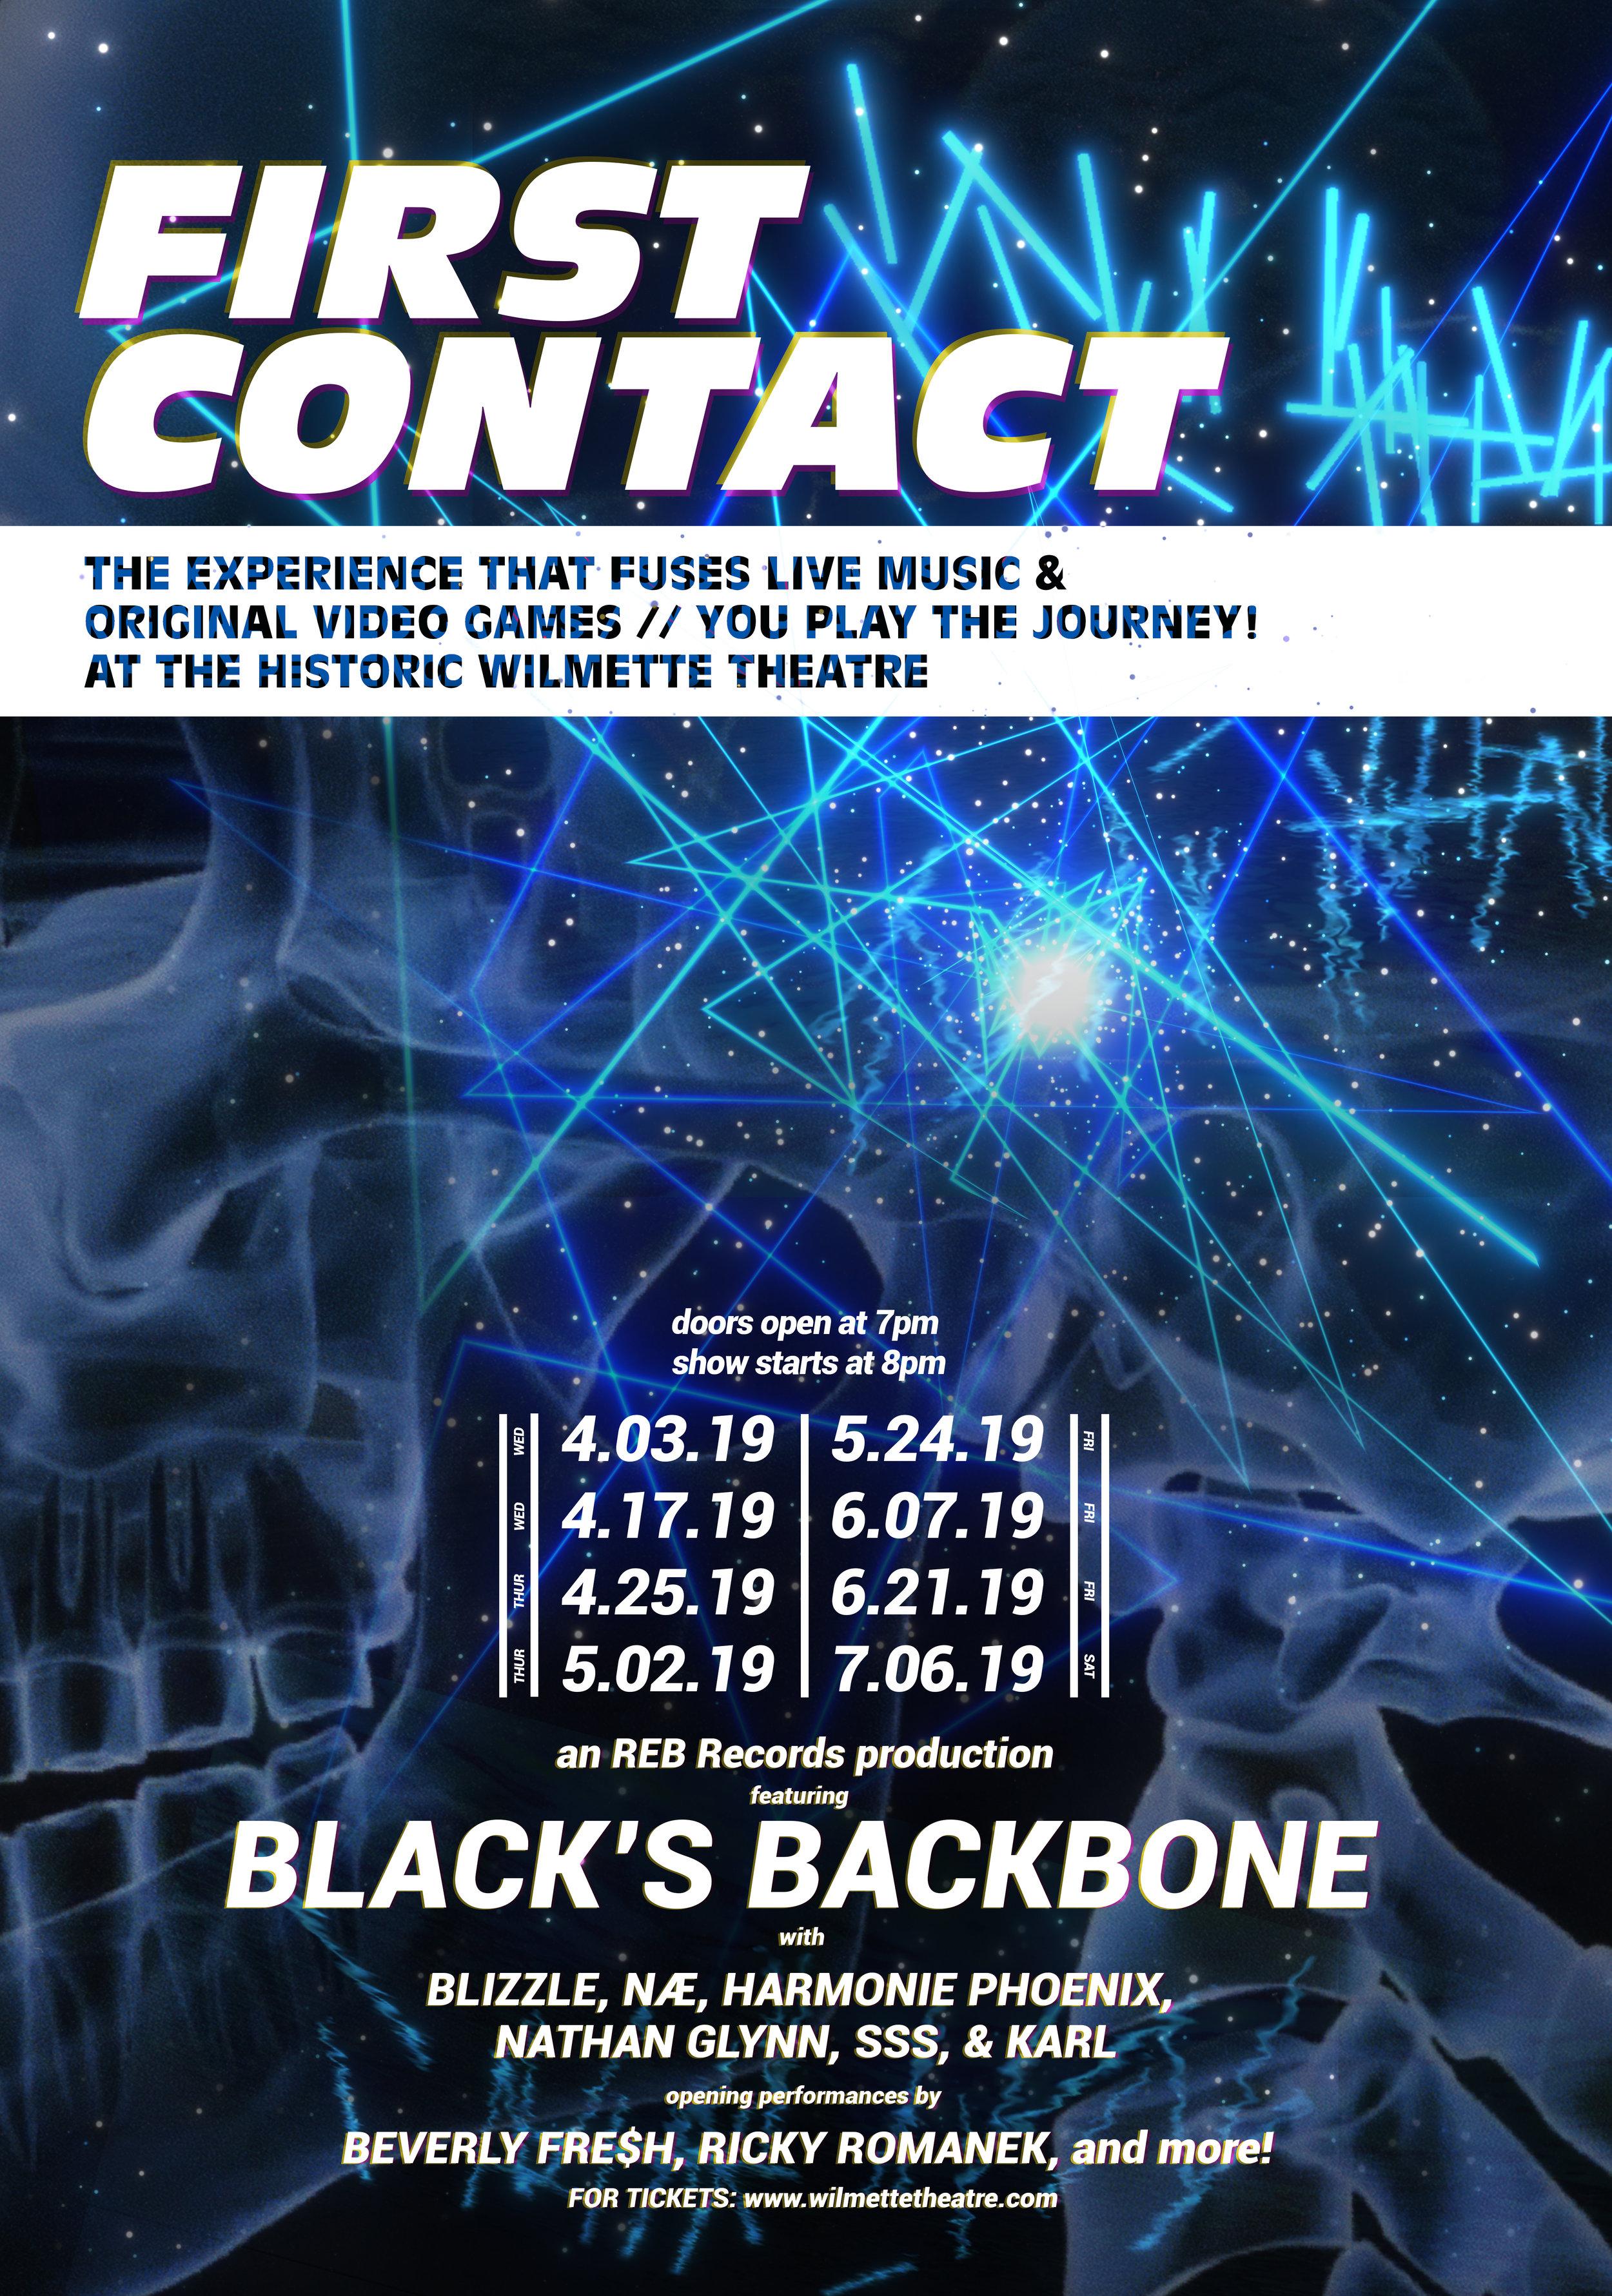 BB 17 in Poster V2.jpg